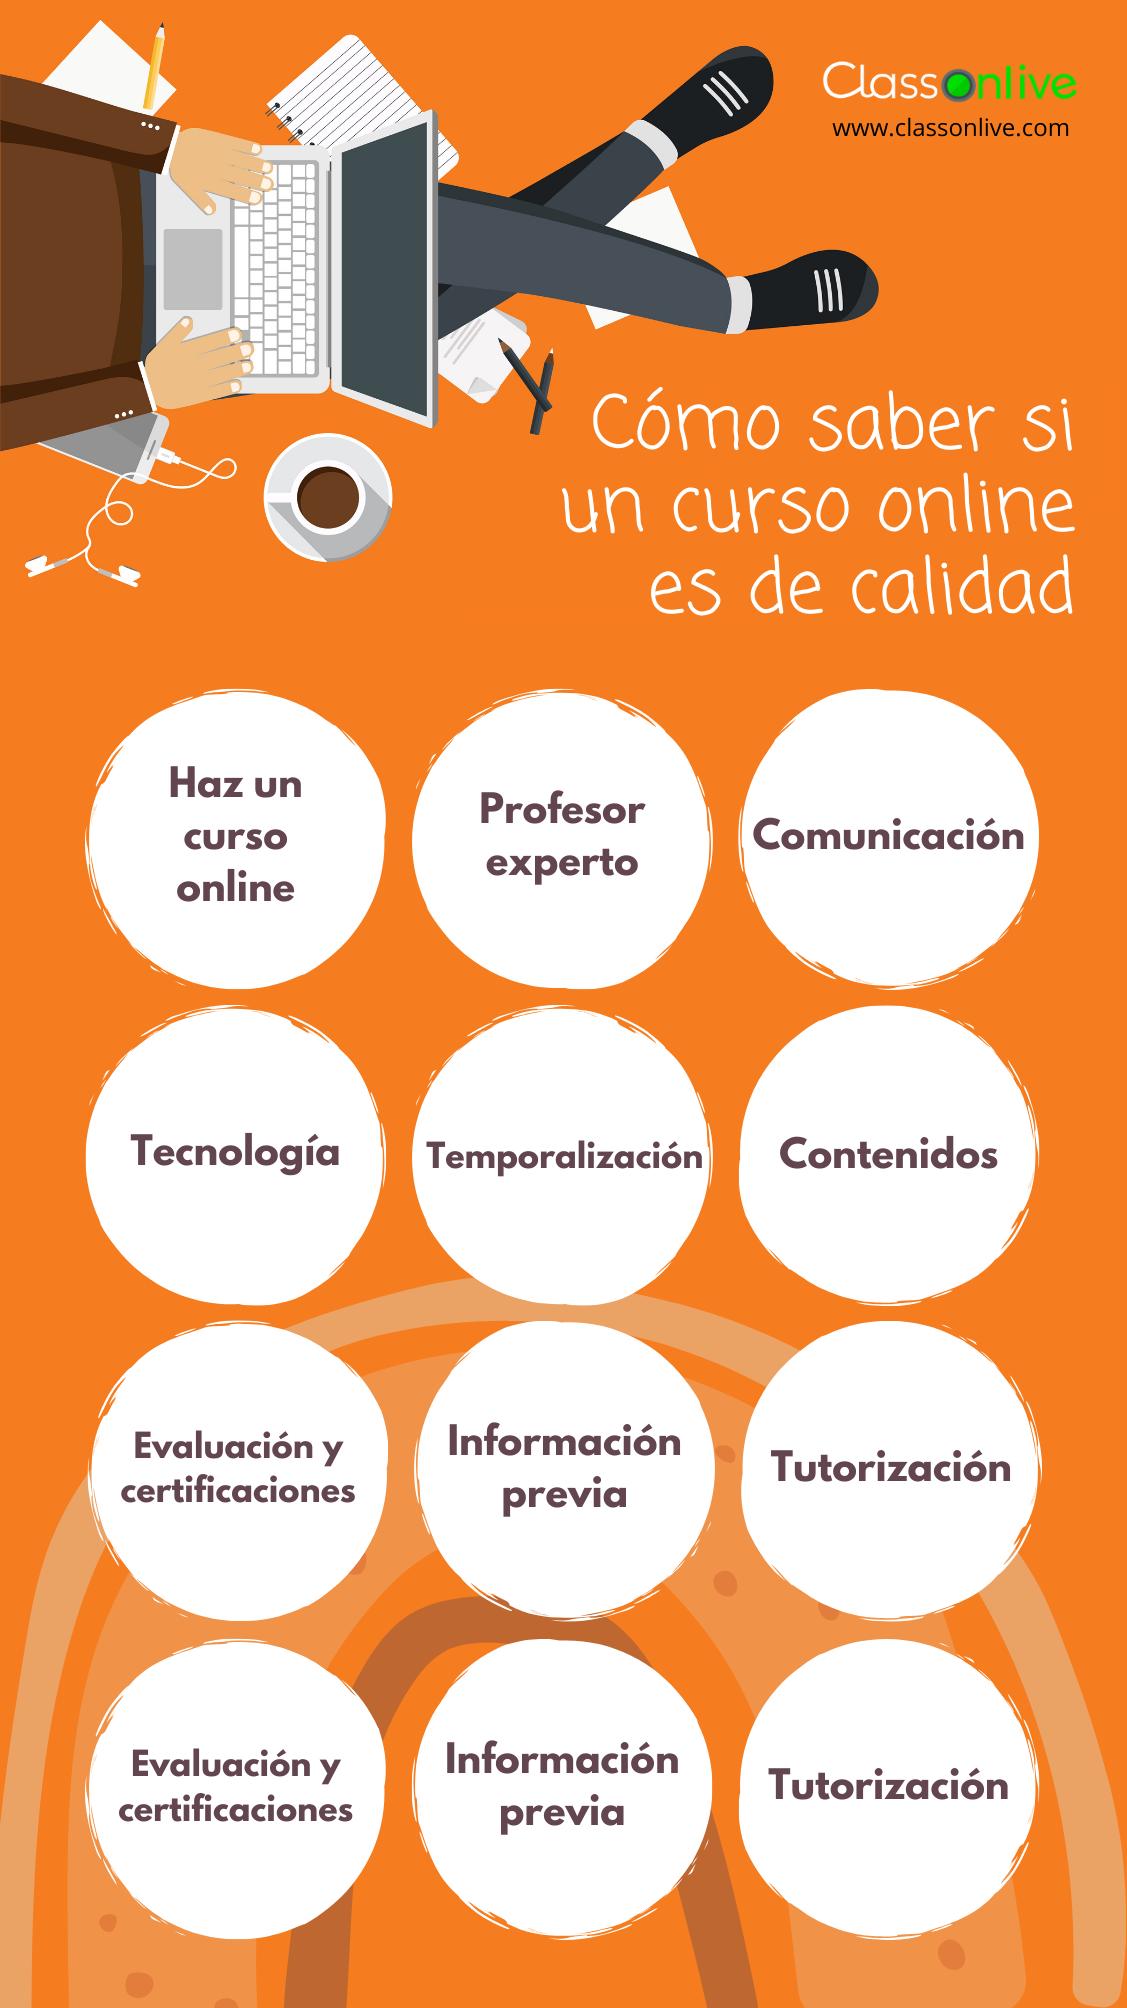 infografía calidad curso online